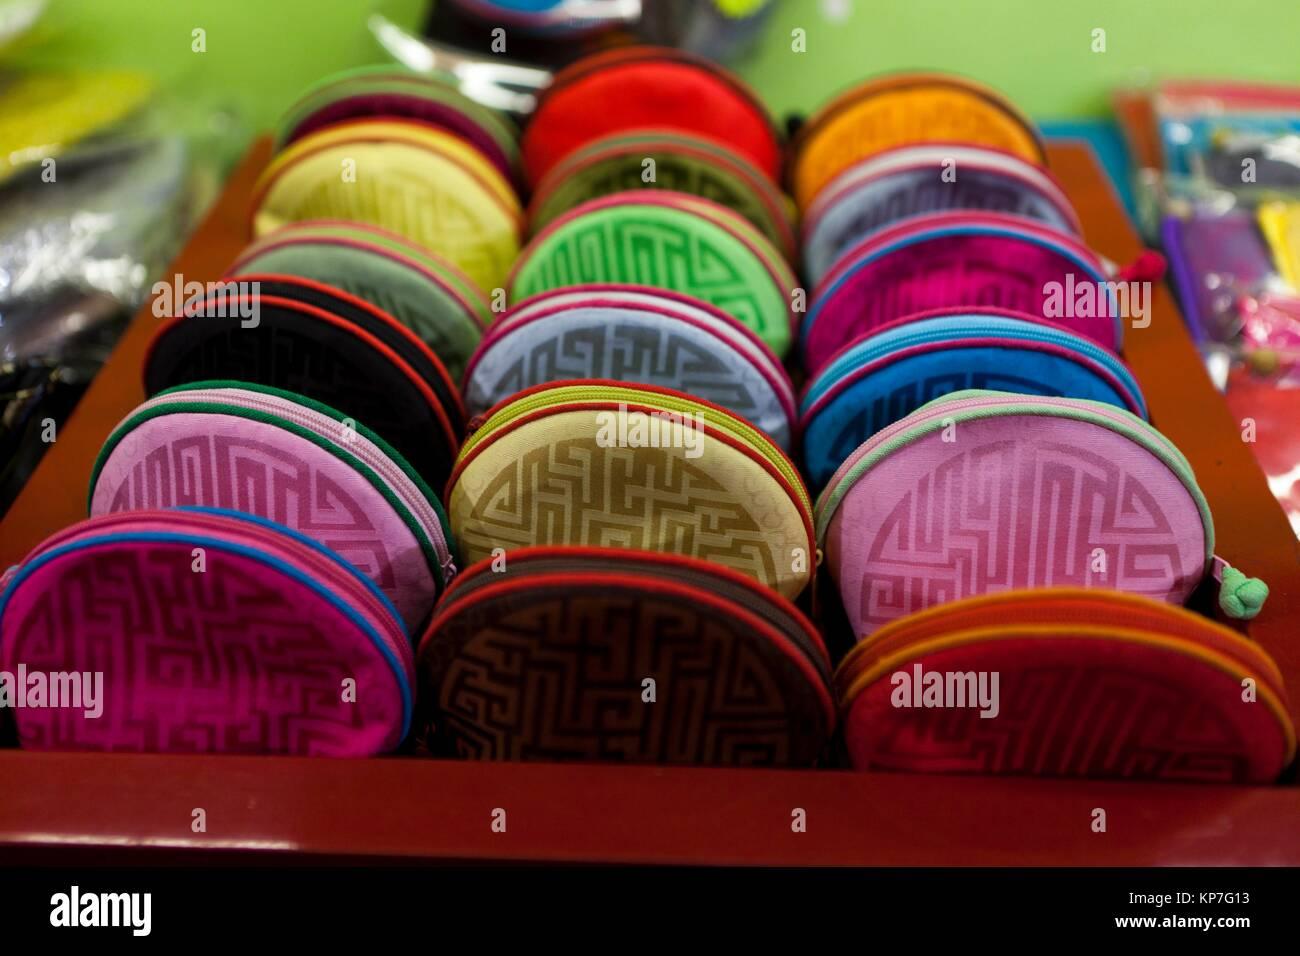 Coin purse. Detail of shop in Nan Lou Gu Xiang Hutong, Beijing, China, Asia - Stock Image